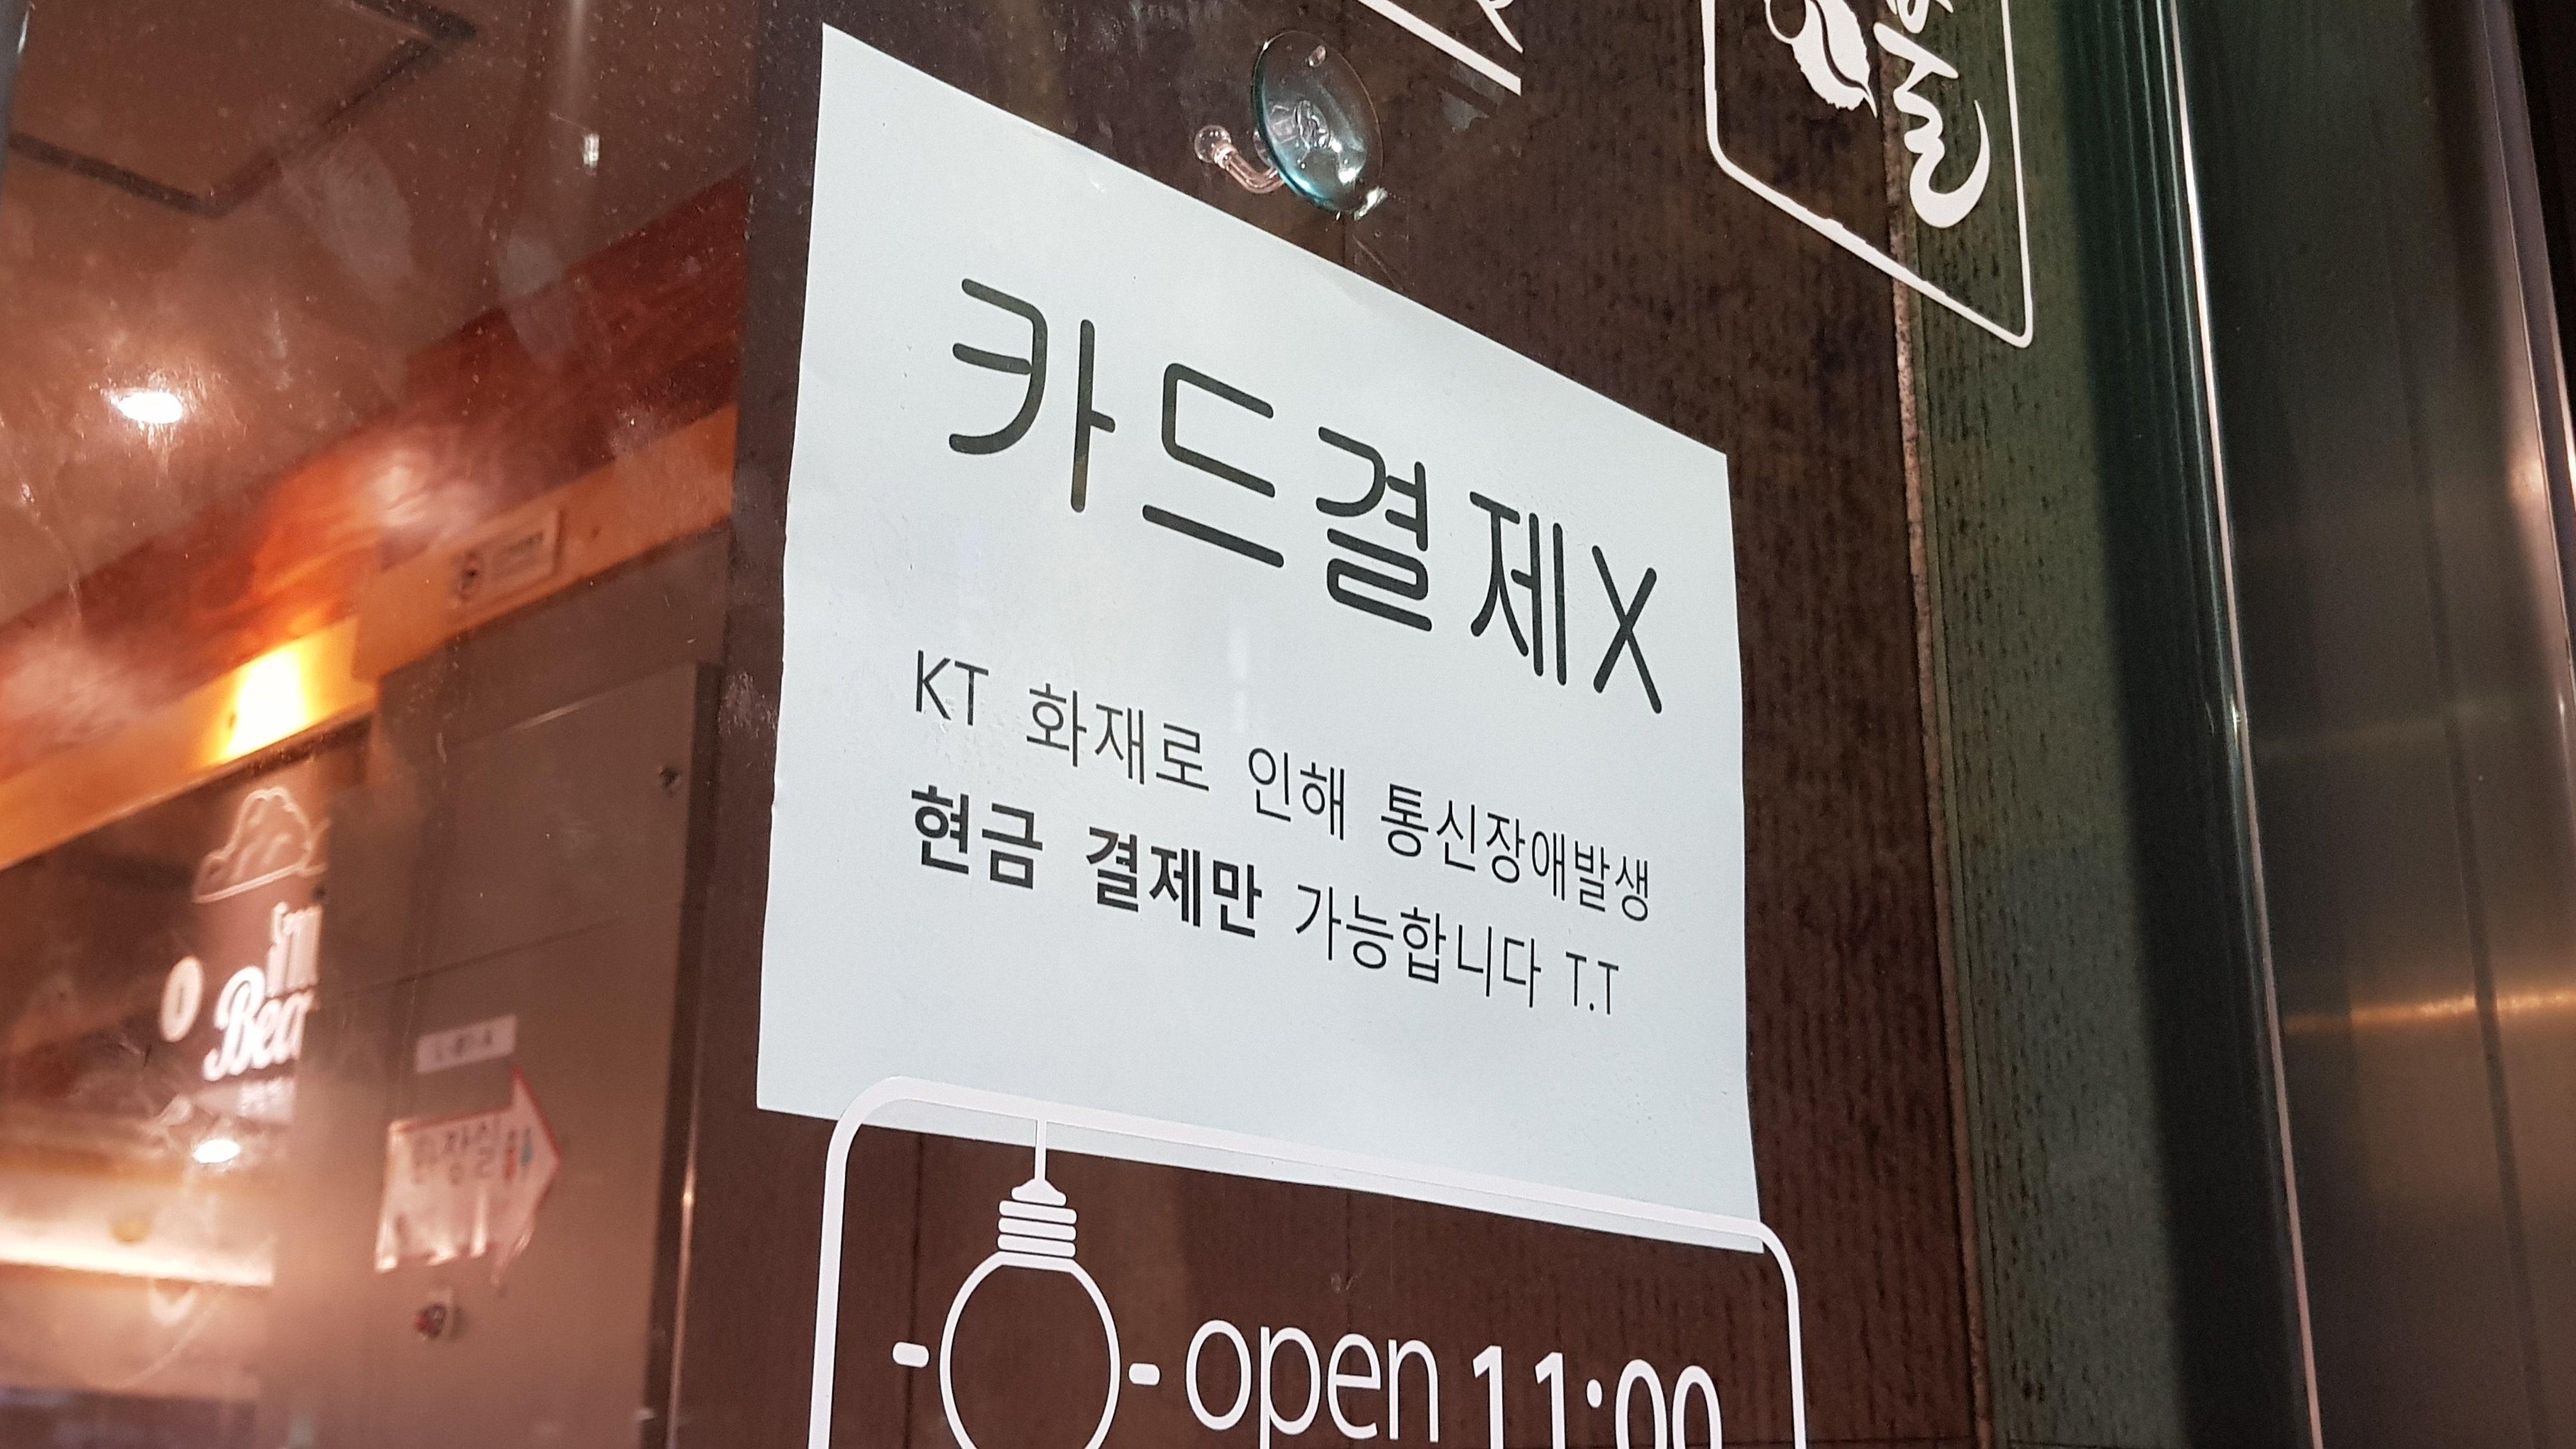 KT가 '대규모 통신장애' 따른 보상안을 마련할